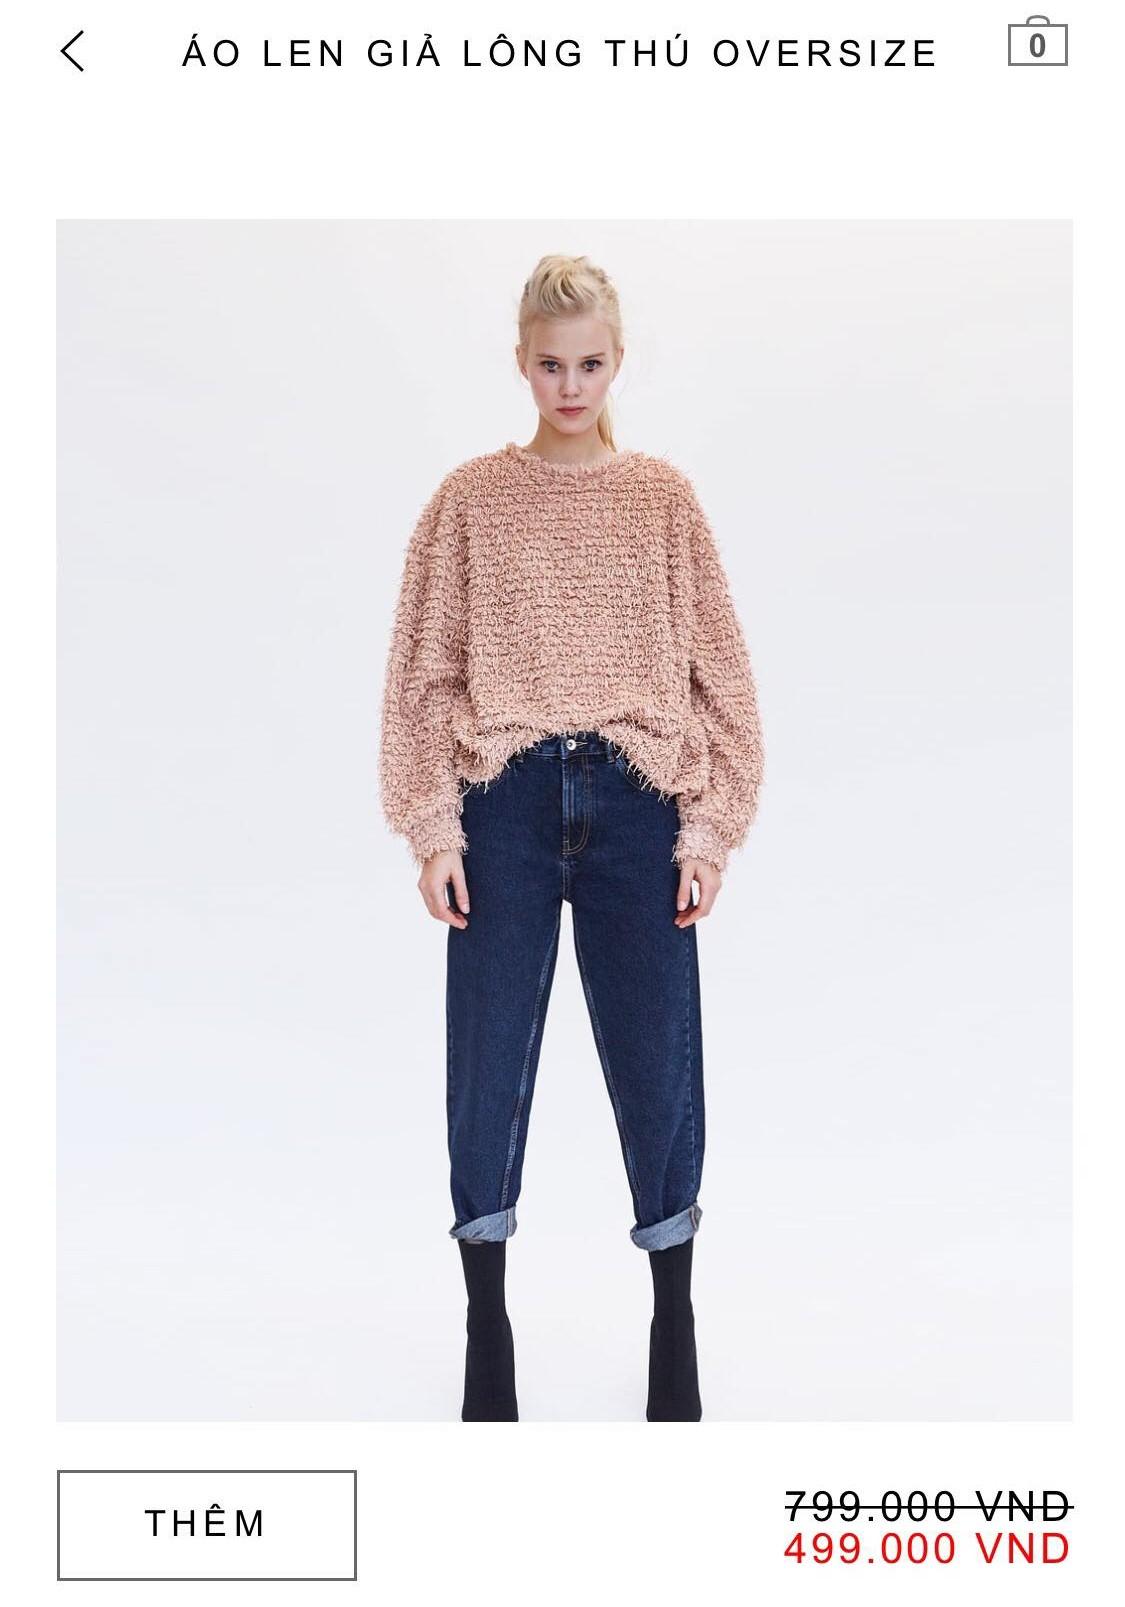 14 mẫu áo len, áo nỉ dưới 500.000 VNĐ xinh xắn, trendy đáng sắm nhất đợt sale này của Zara - Ảnh 2.